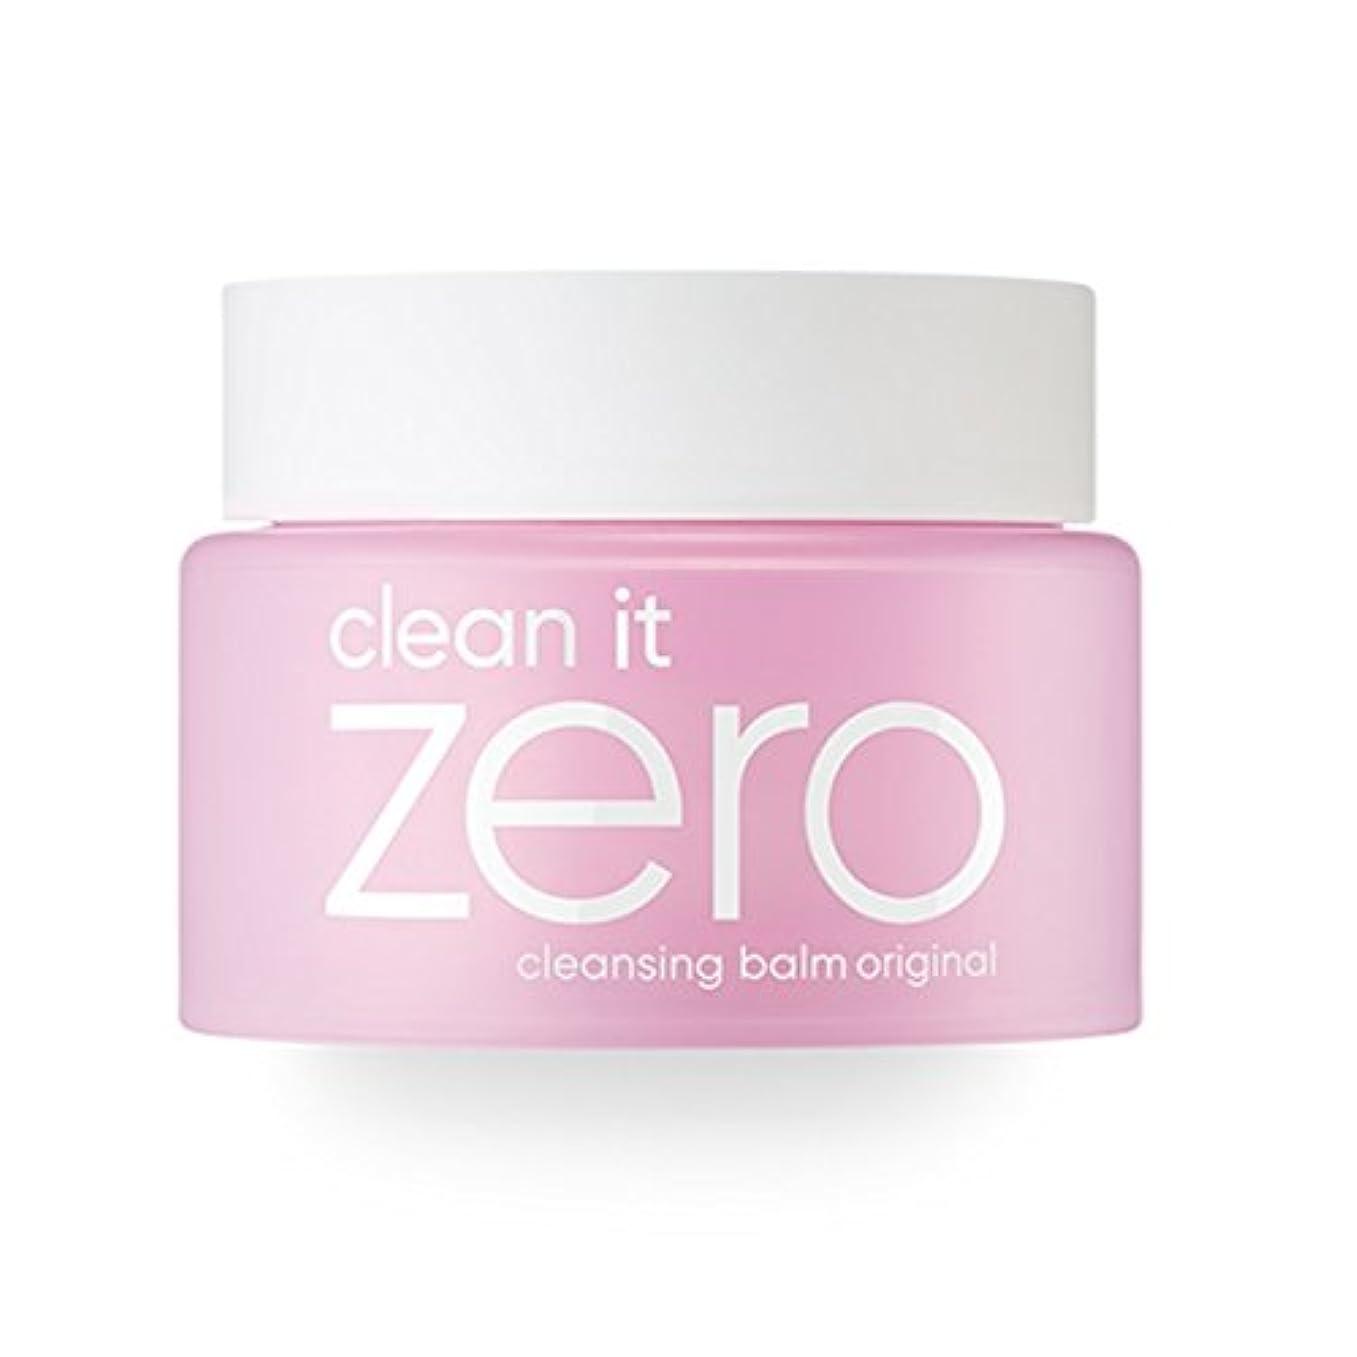 専門化するみすぼらしいスクレーパーBanila.co クリーン イット ゼロ クレンジングバーム オリジナル / Clean it Zero Cleansing Balm Original (100ml)